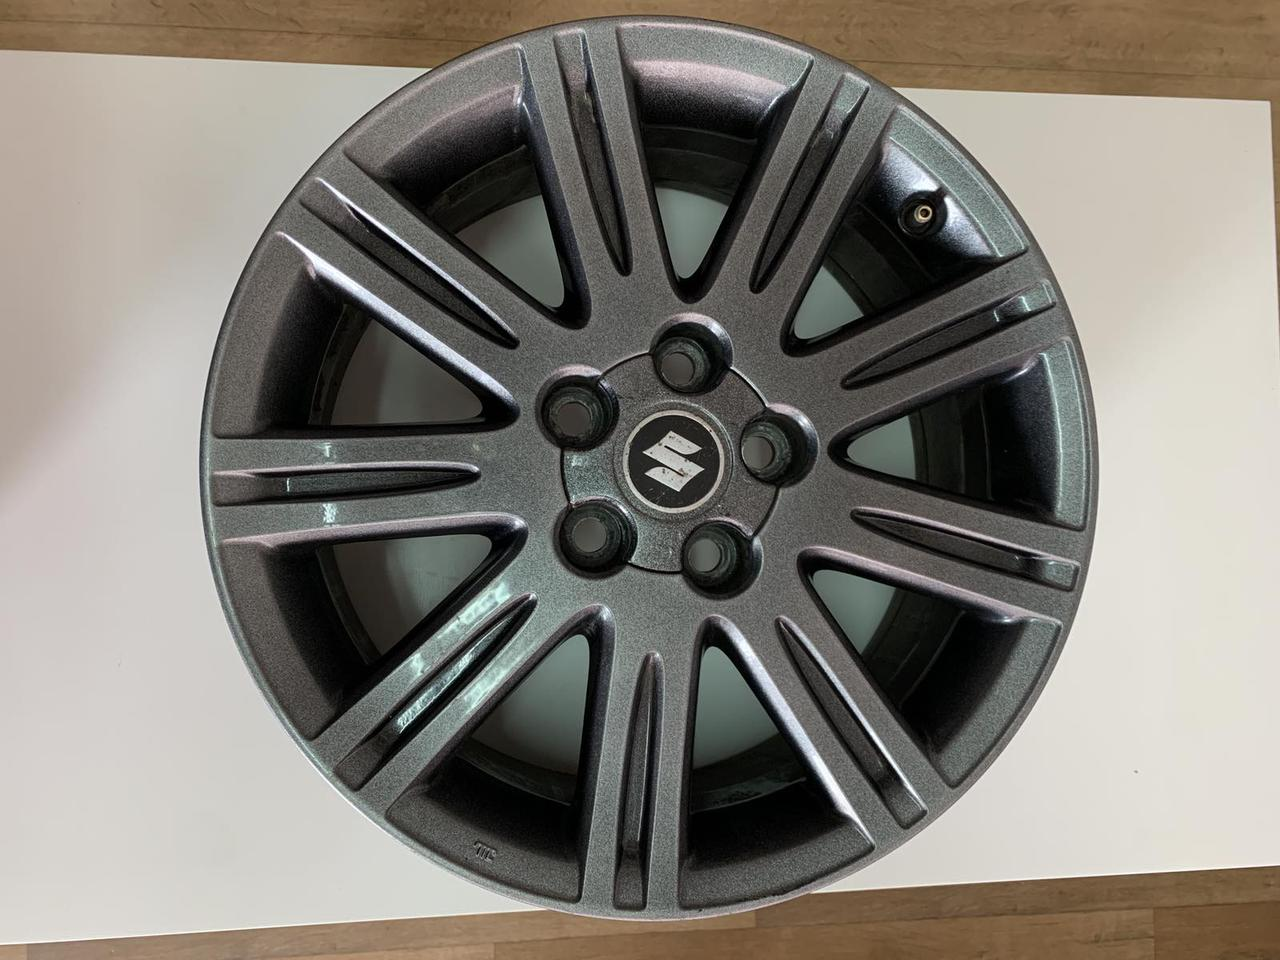 Диски легкоплавные Suzuki Grand Vitara 17 дюймов 4 шт, фото 3